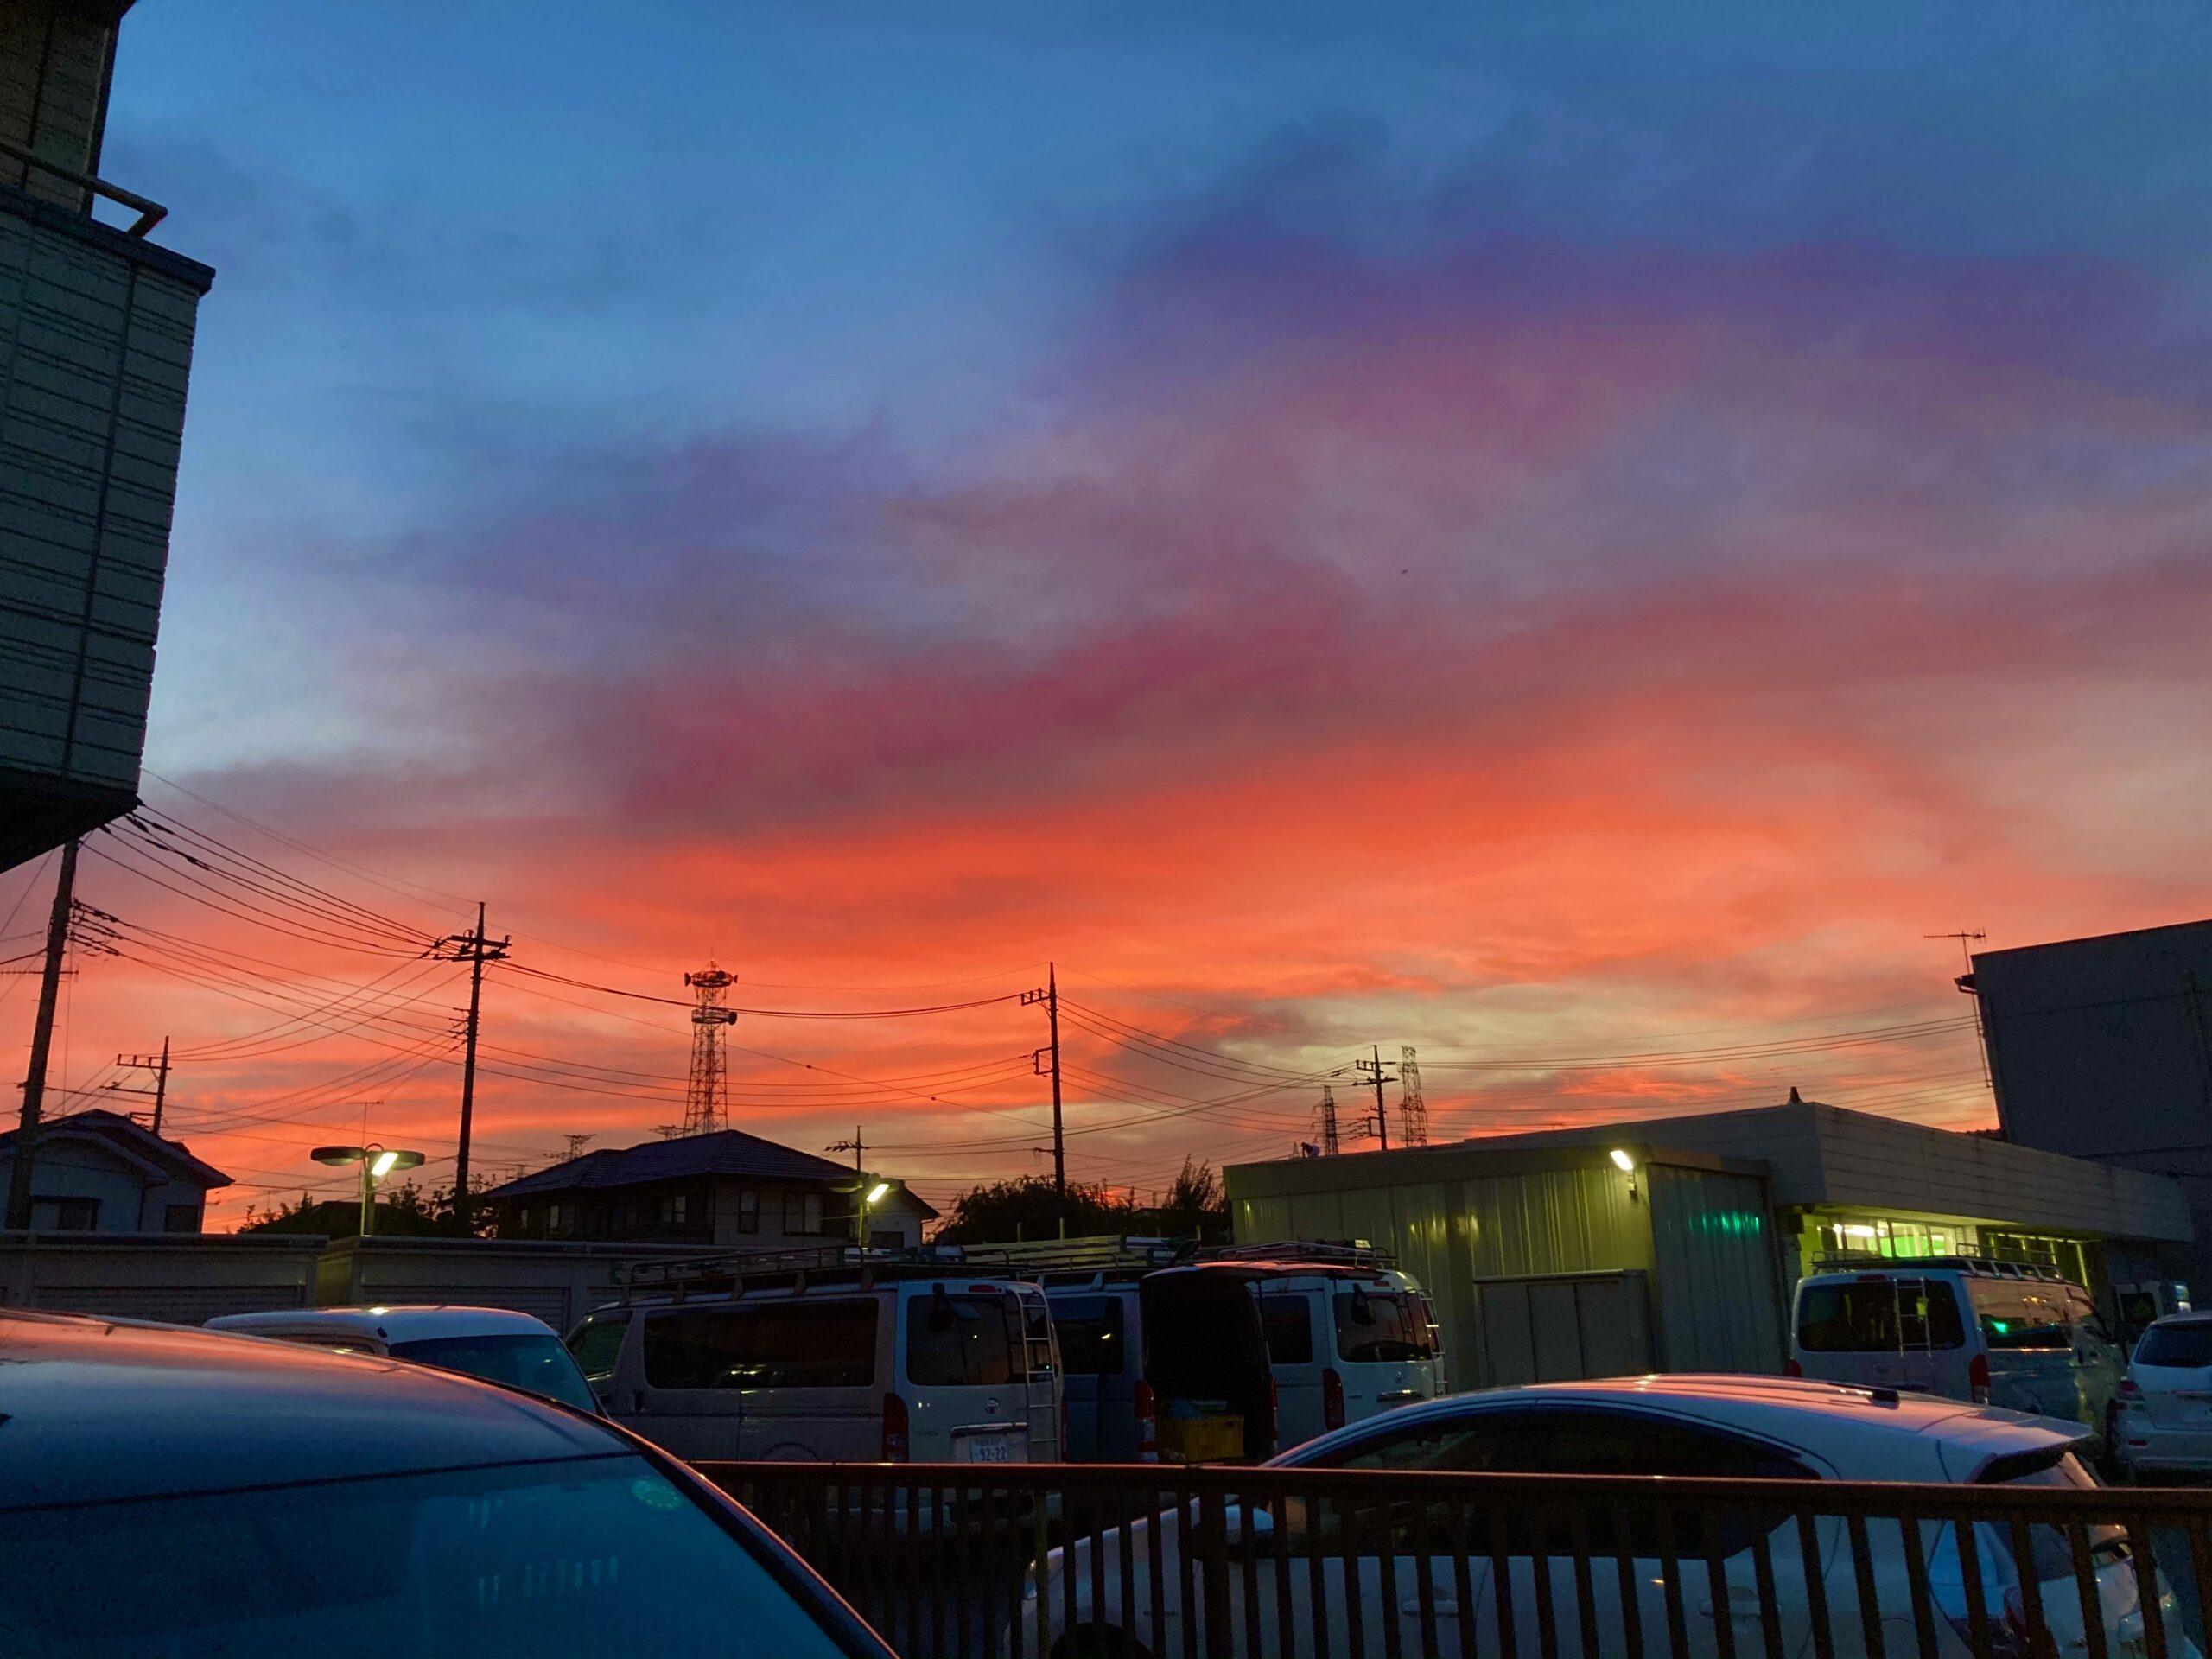 麻溝地区の夕焼けの投稿写真